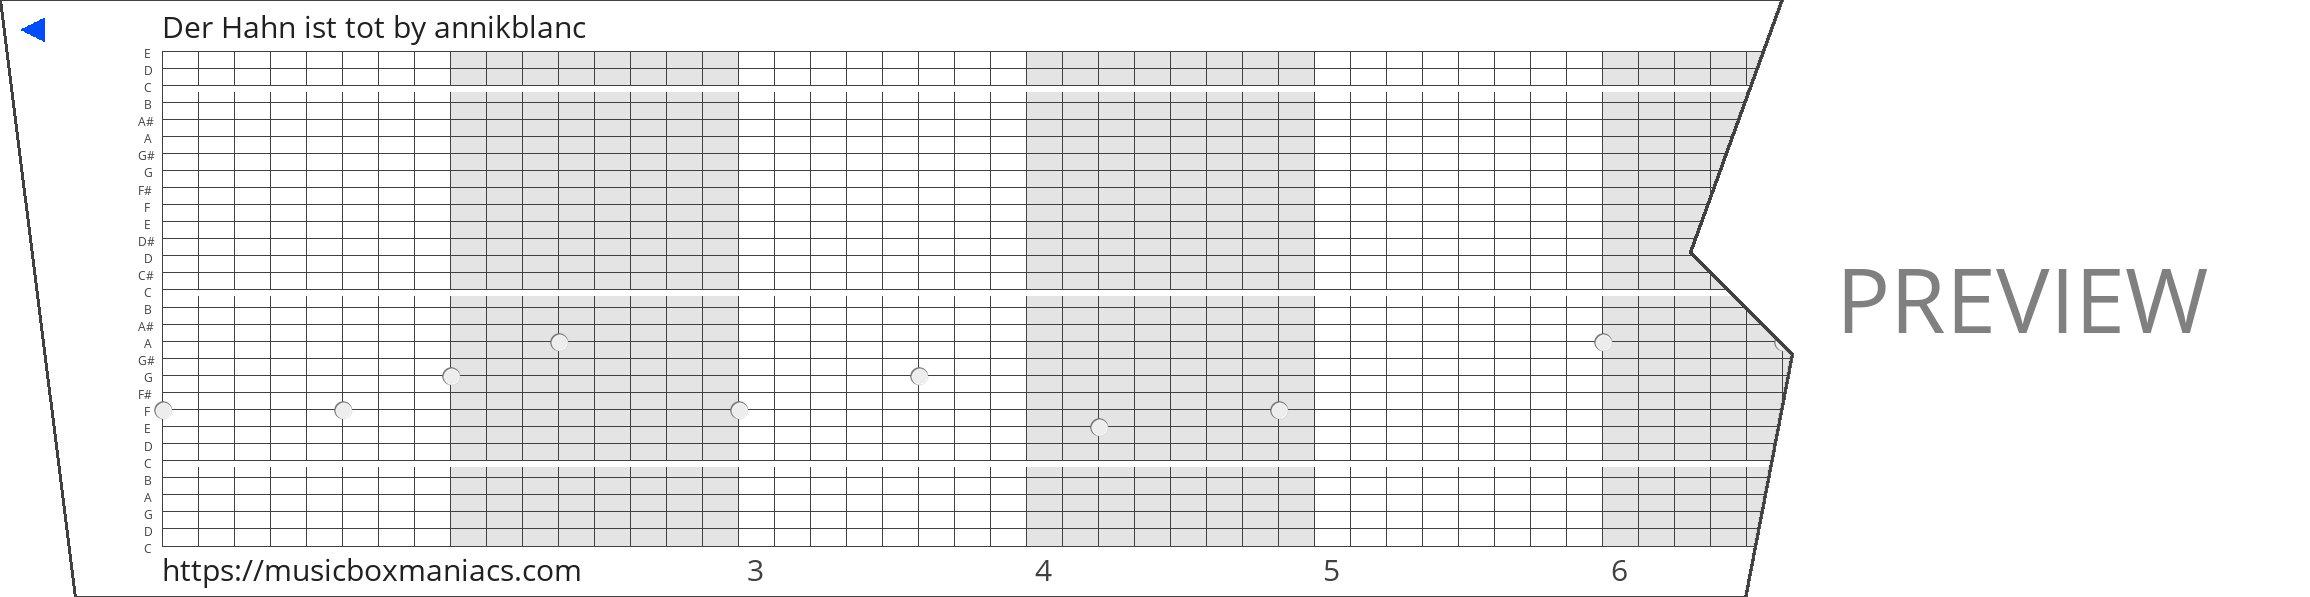 Der Hahn ist tot 30 note music box paper strip